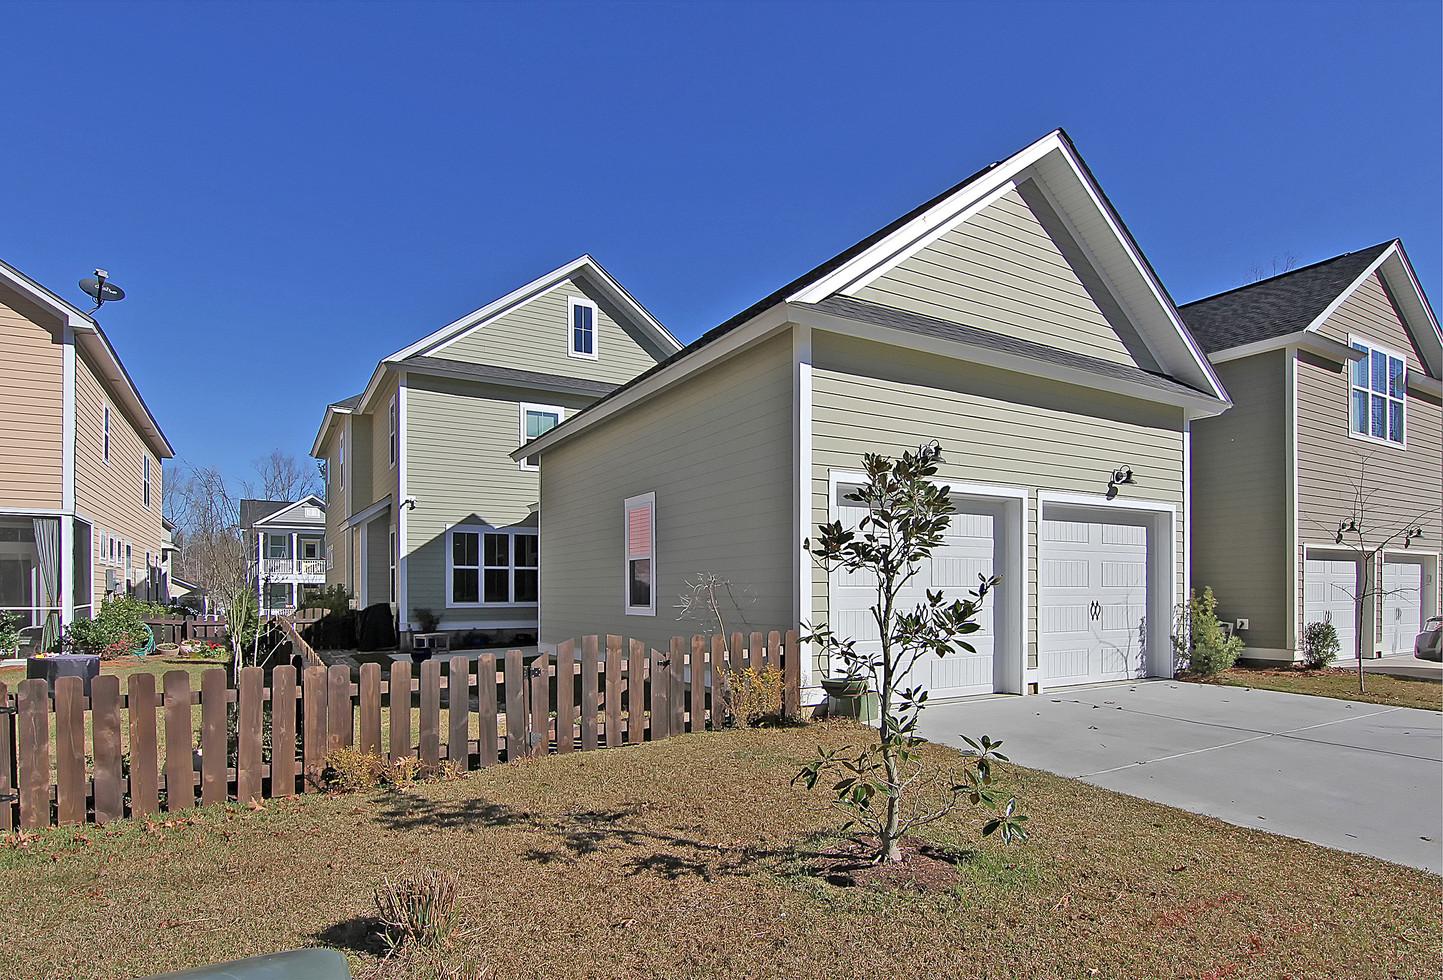 33. 106 Green Grass Rd. Summerville SC 2